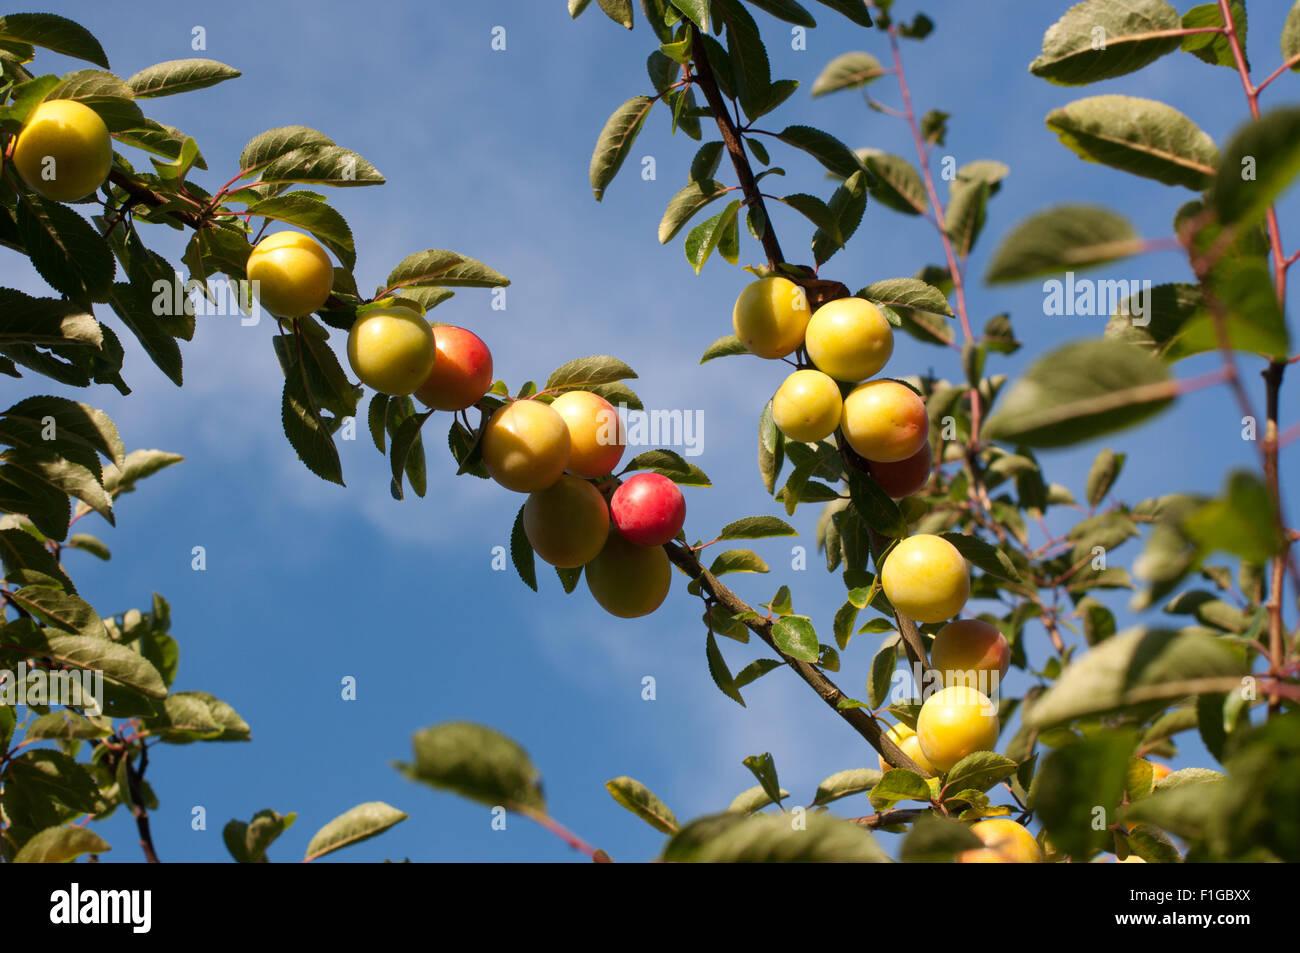 Reneclaudenbaum mit halbreifen Früchten vor strahlend blauem Himmel - Stock Image